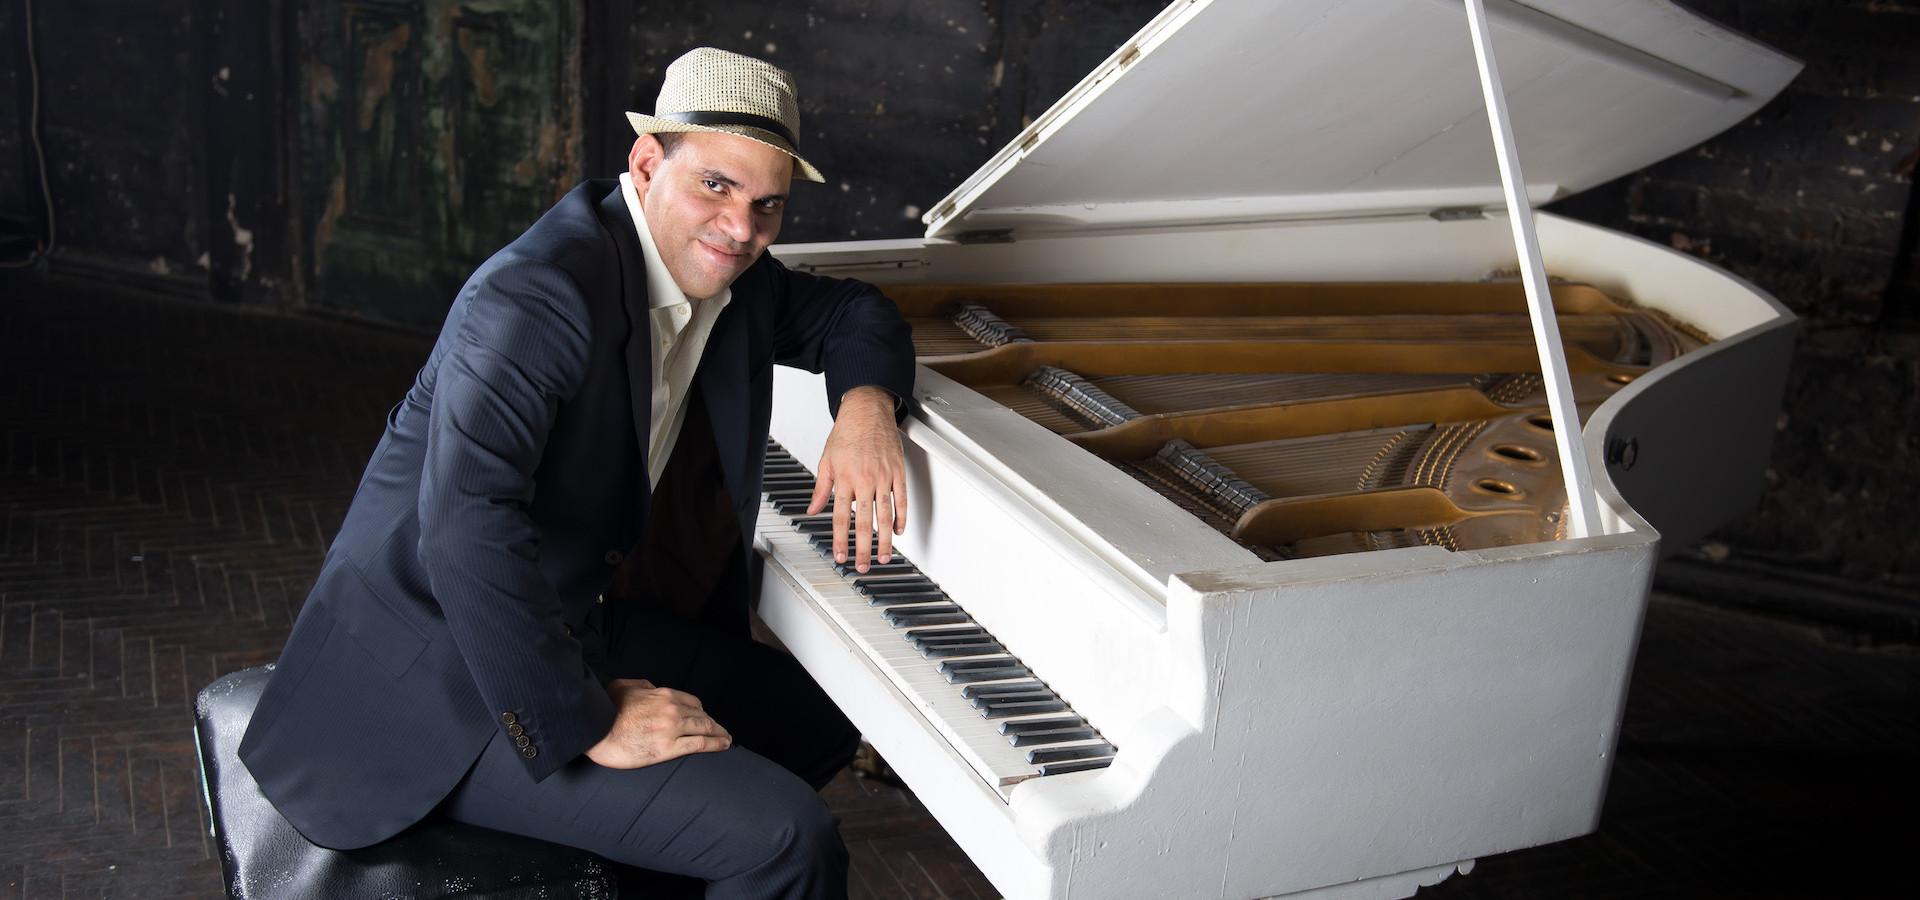 Sandor Torres Monteagudo (фортепиано). Время для троих. Концерт на летней веранде ДК ВДНХ фото